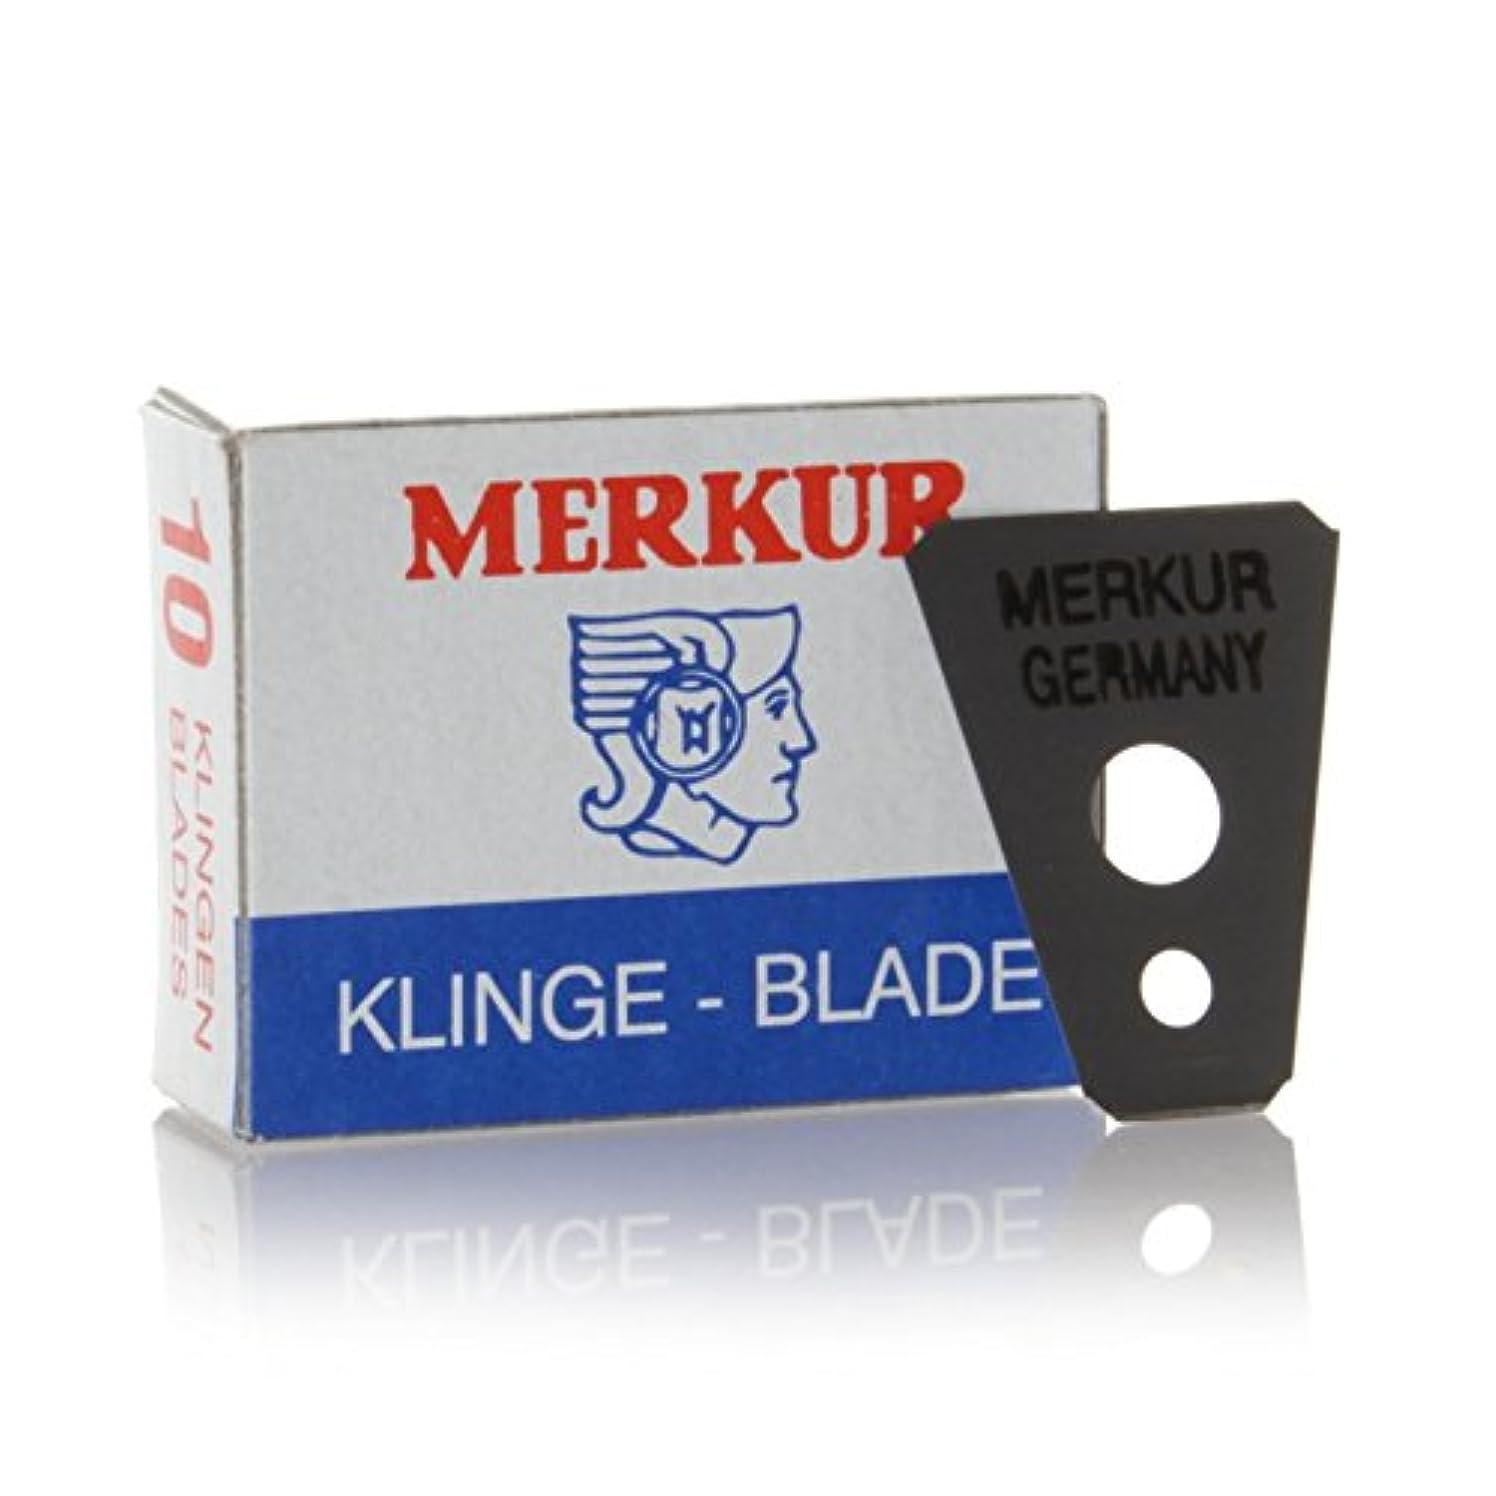 抵抗するのためにリラックスしたMERKUR Solingen - Razor blades for moustache shaver, 10 pieces, 90908100